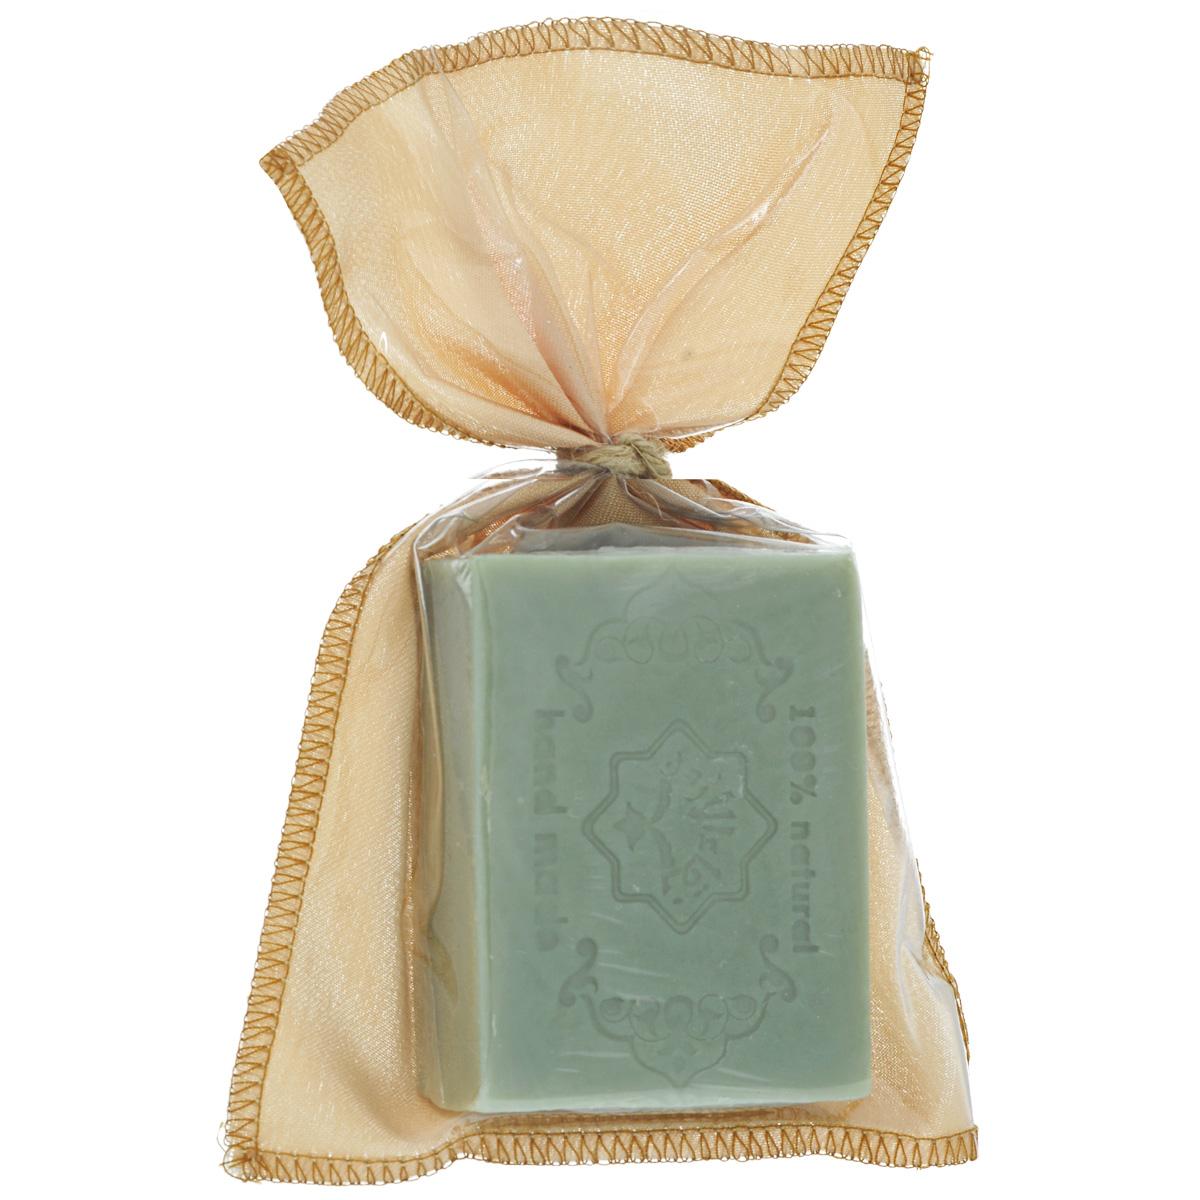 Зейтун Мыло Экстра №15 лавровое 15%, 110 гZ1115Увлажняет, питает кожу, обладает антибактериальными свойствами. Прекрасное банное мыло, идеальное средство для снятия макияжа. Отличная замена крема для и после бритья. Подходит для использования в качестве лечебного шампуня для неокрашенных волос: масла питают луковицы волос, стимулируют их рост, помогают справиться с перхотью. Уважаемые клиенты, цвет мешочка может отличаться от фото, представленного на сайте.